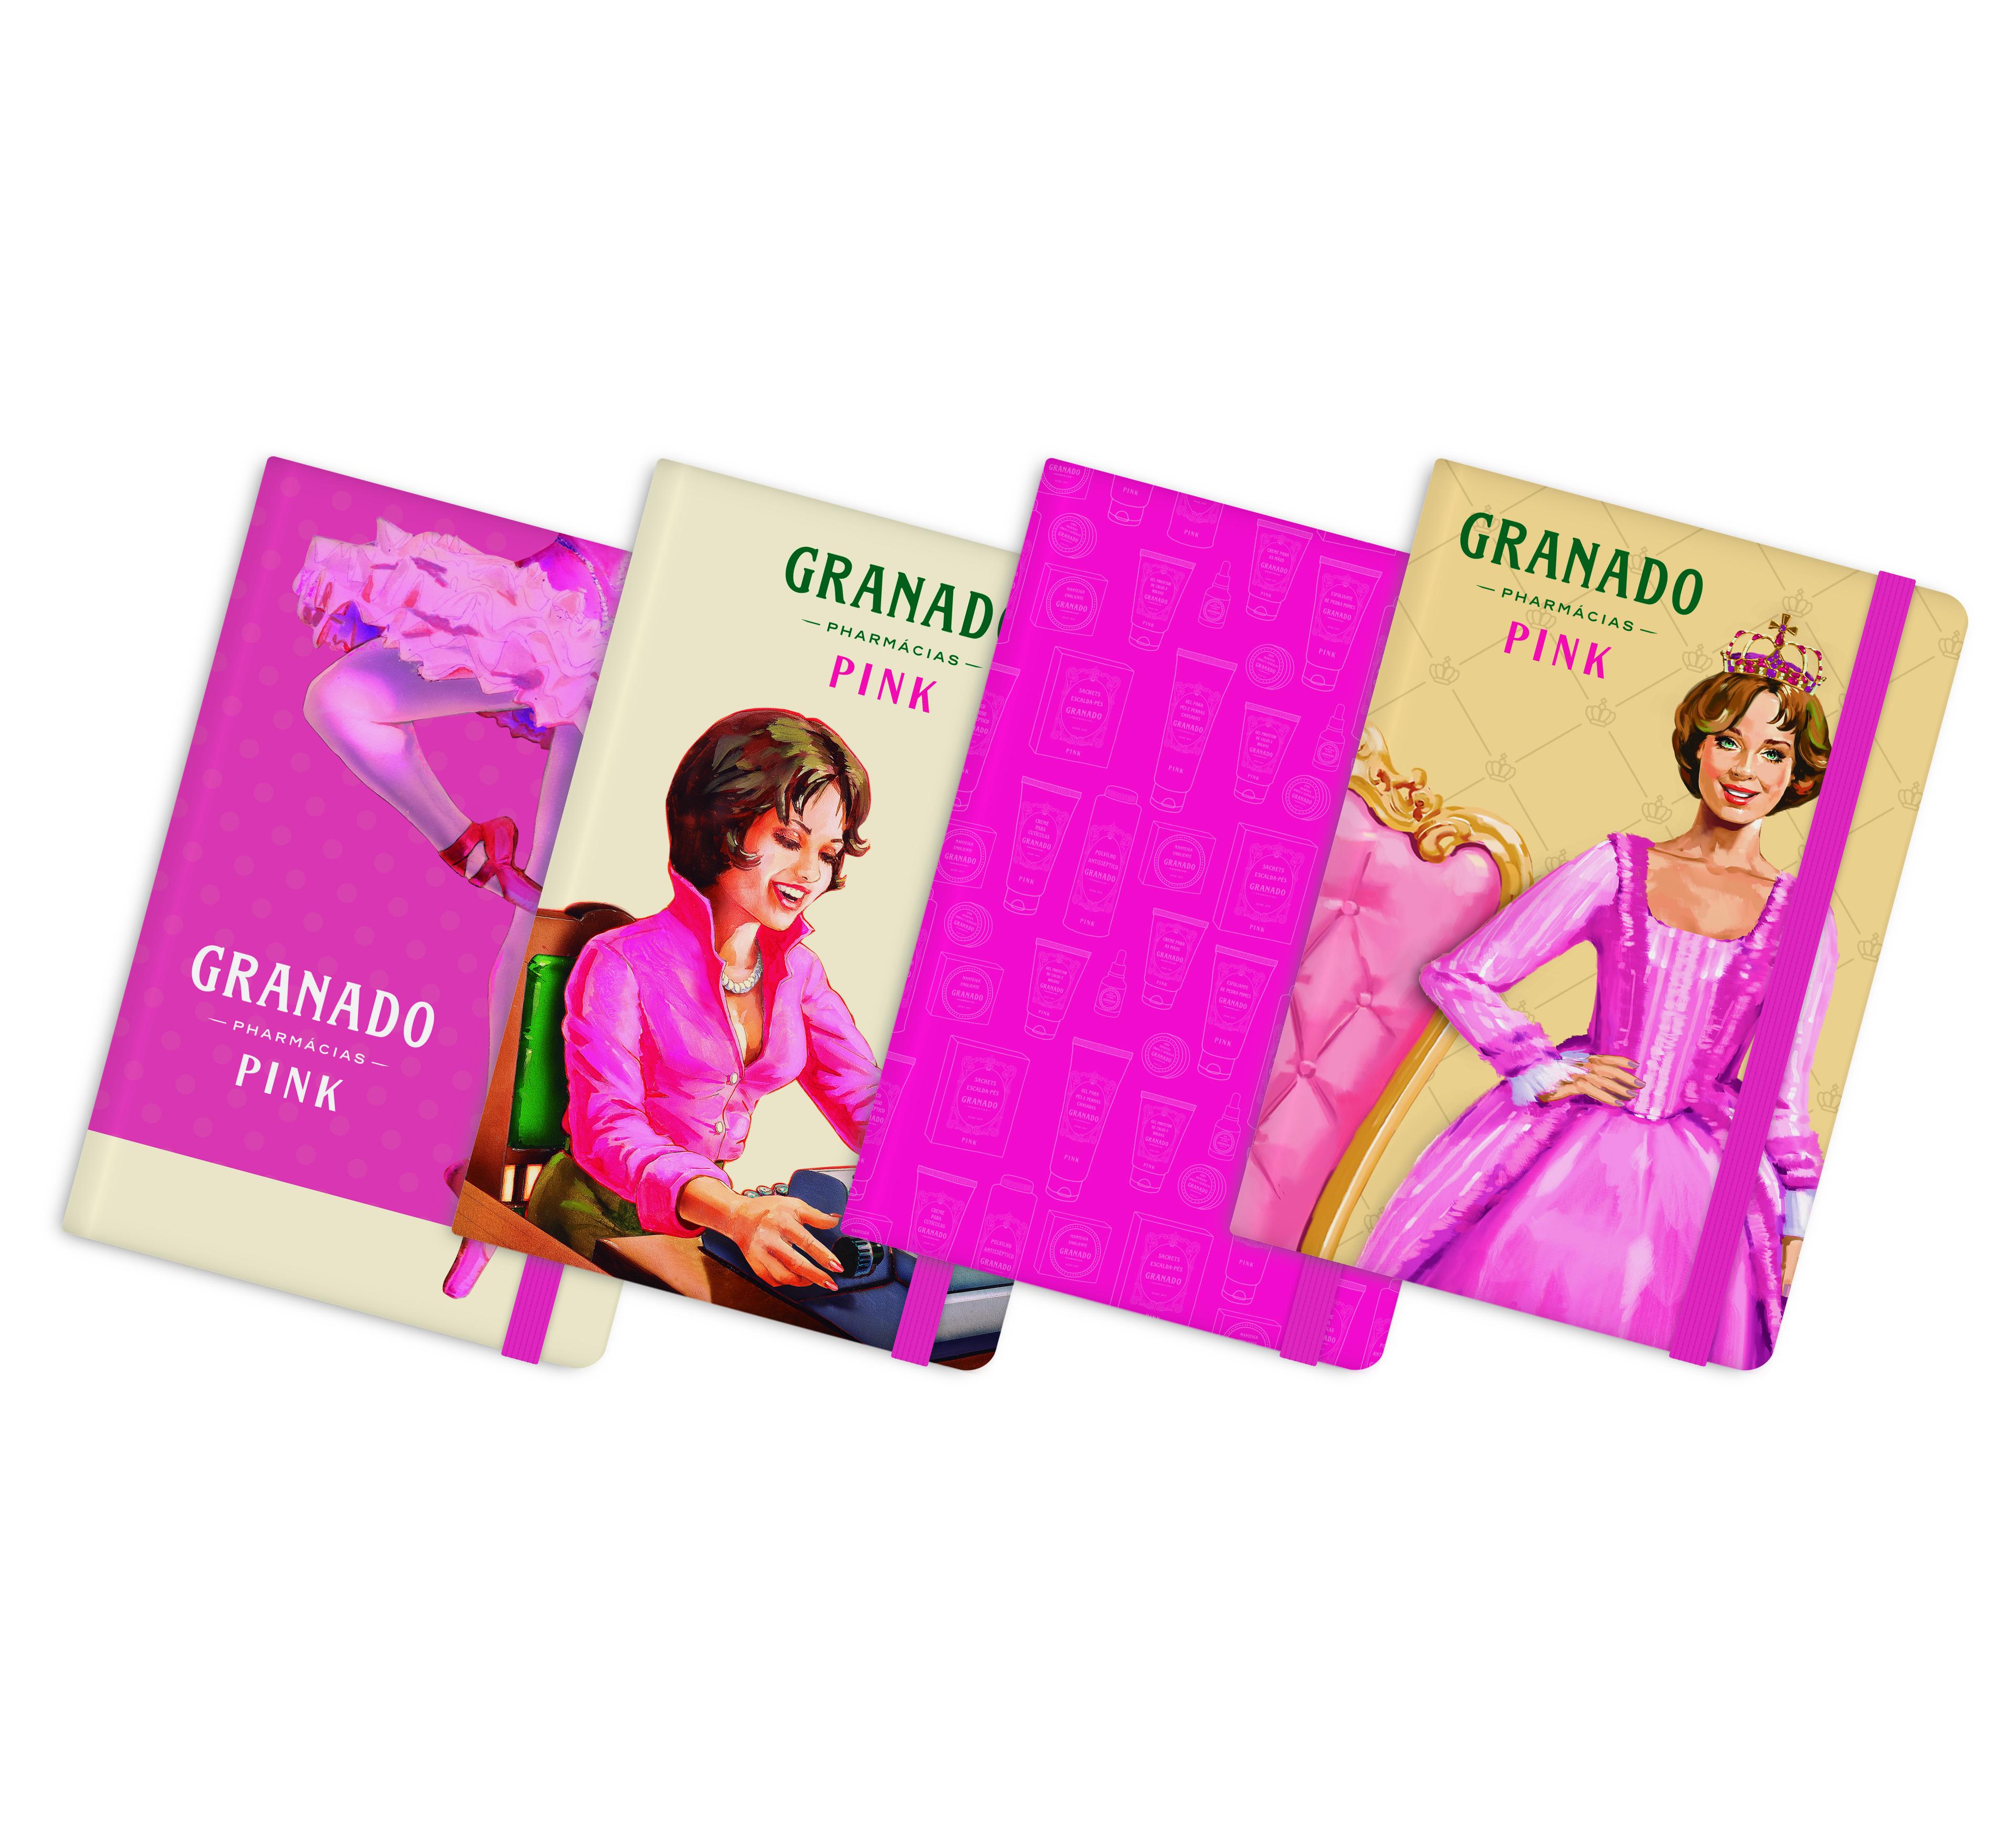 Cadernetas Granado - mimos dos dias das mães